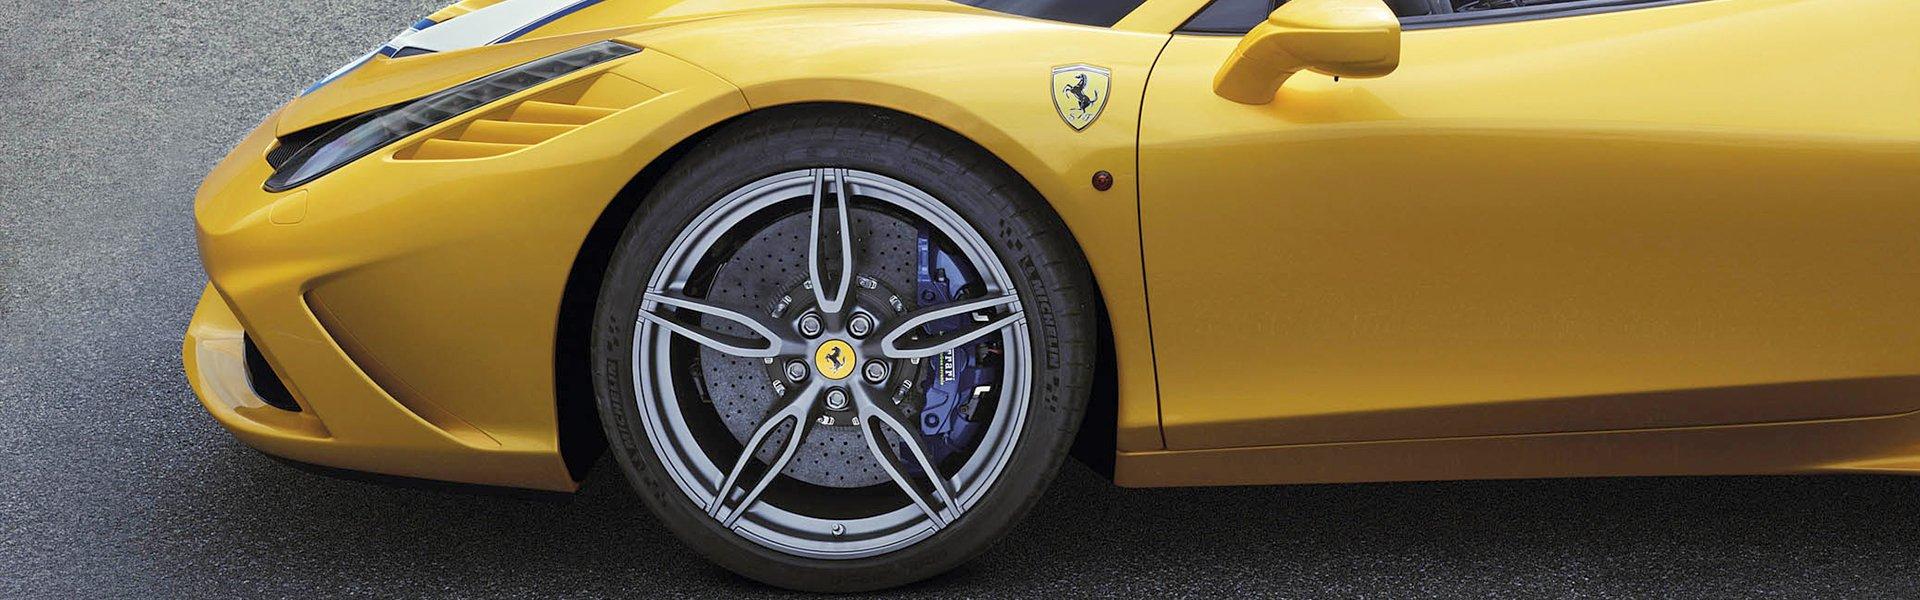 Differentiate your Ferrari with original Ferrari wheels themselves!